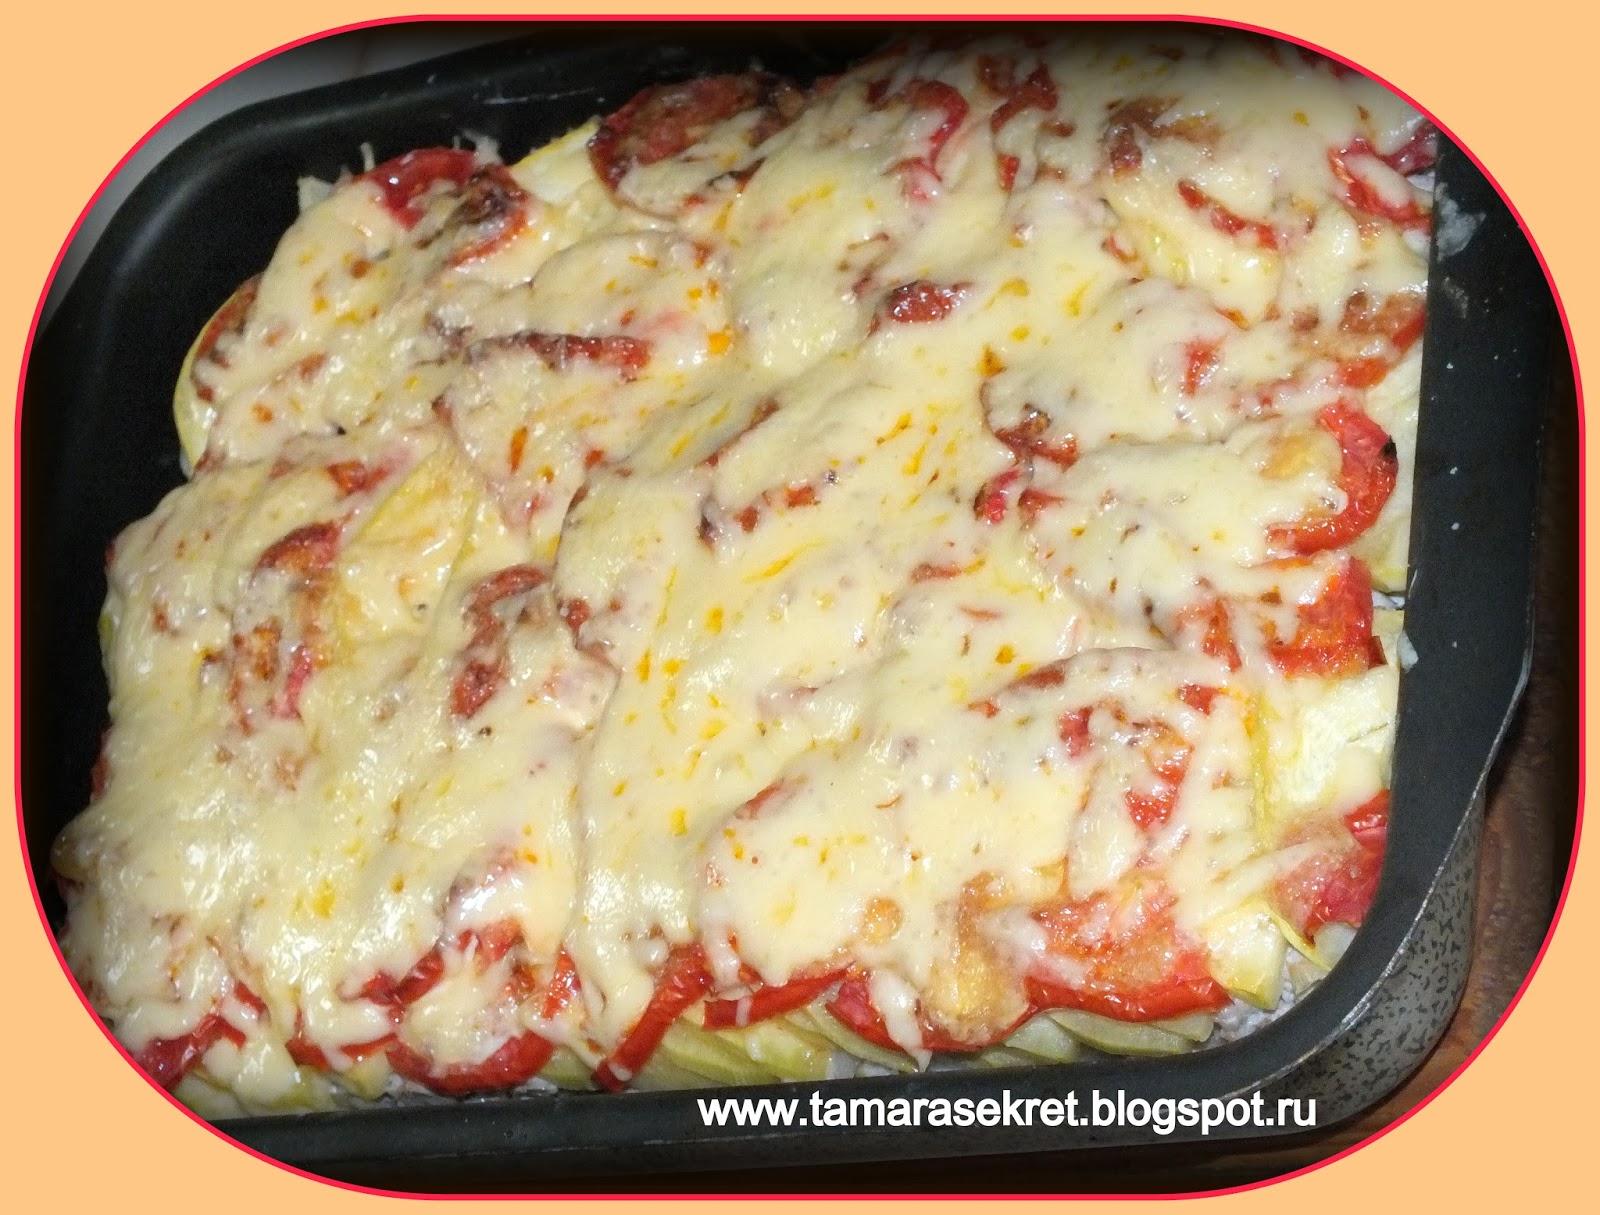 Картофельная запеканка с мясом в мультиварке рецепты пошагово в